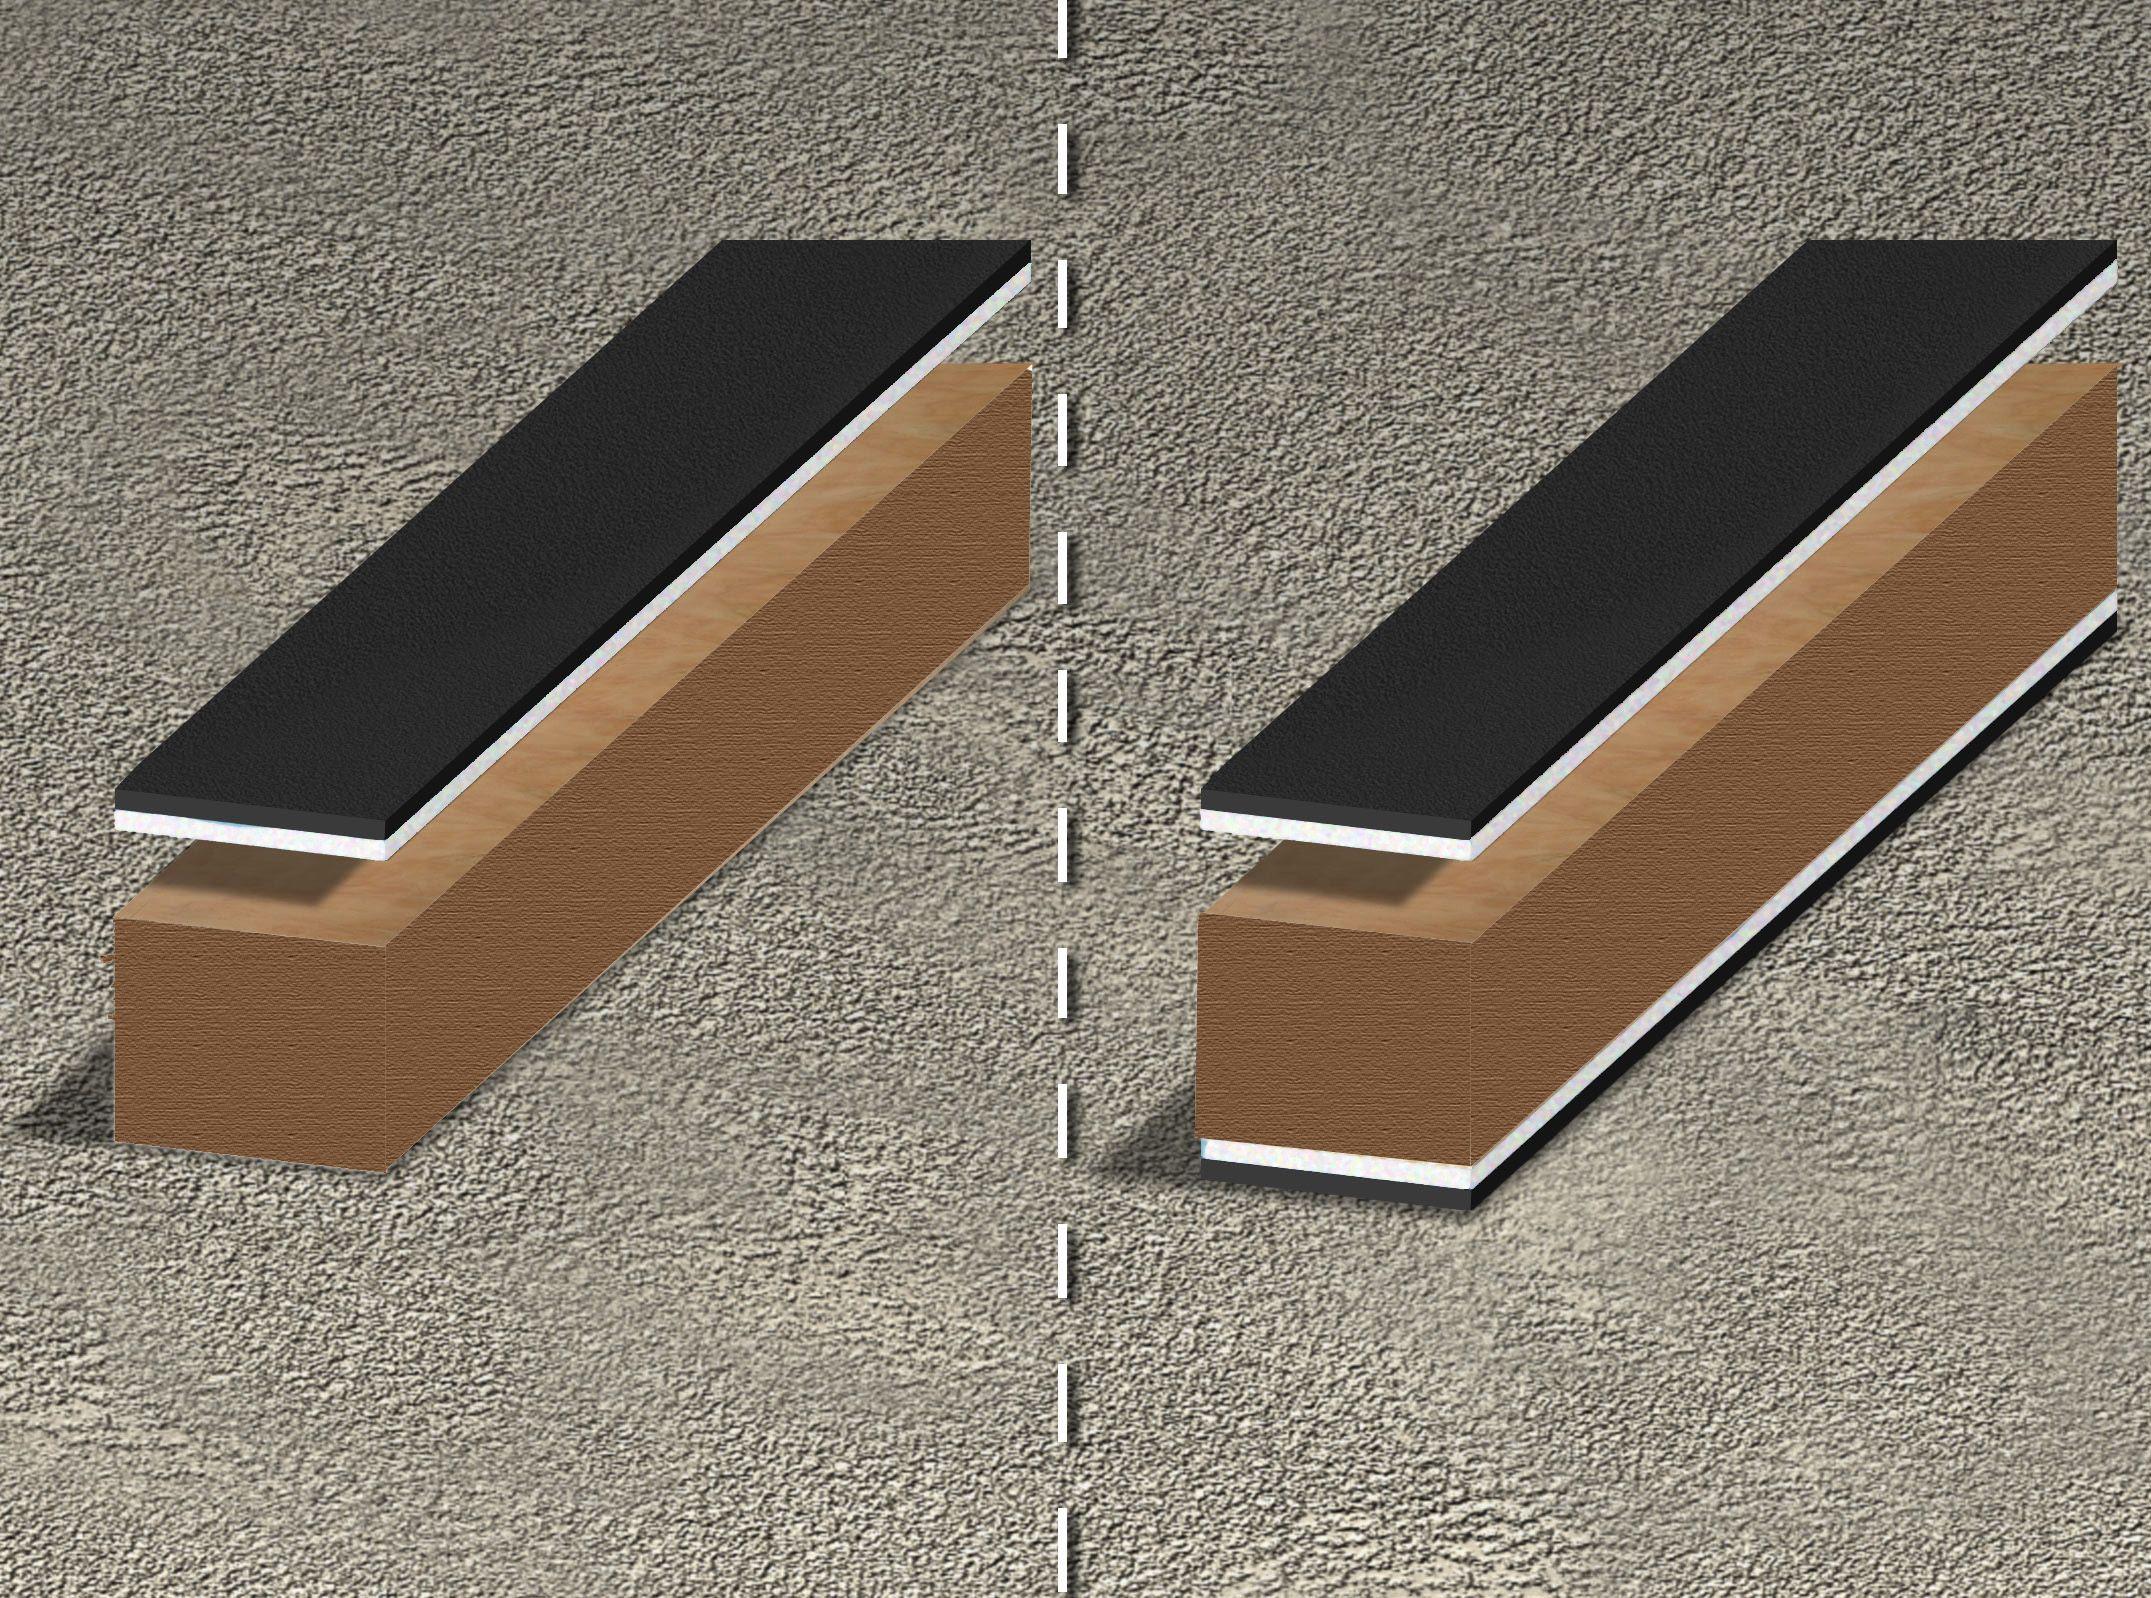 aislamiento-acustico-suelos-sistema2-4R